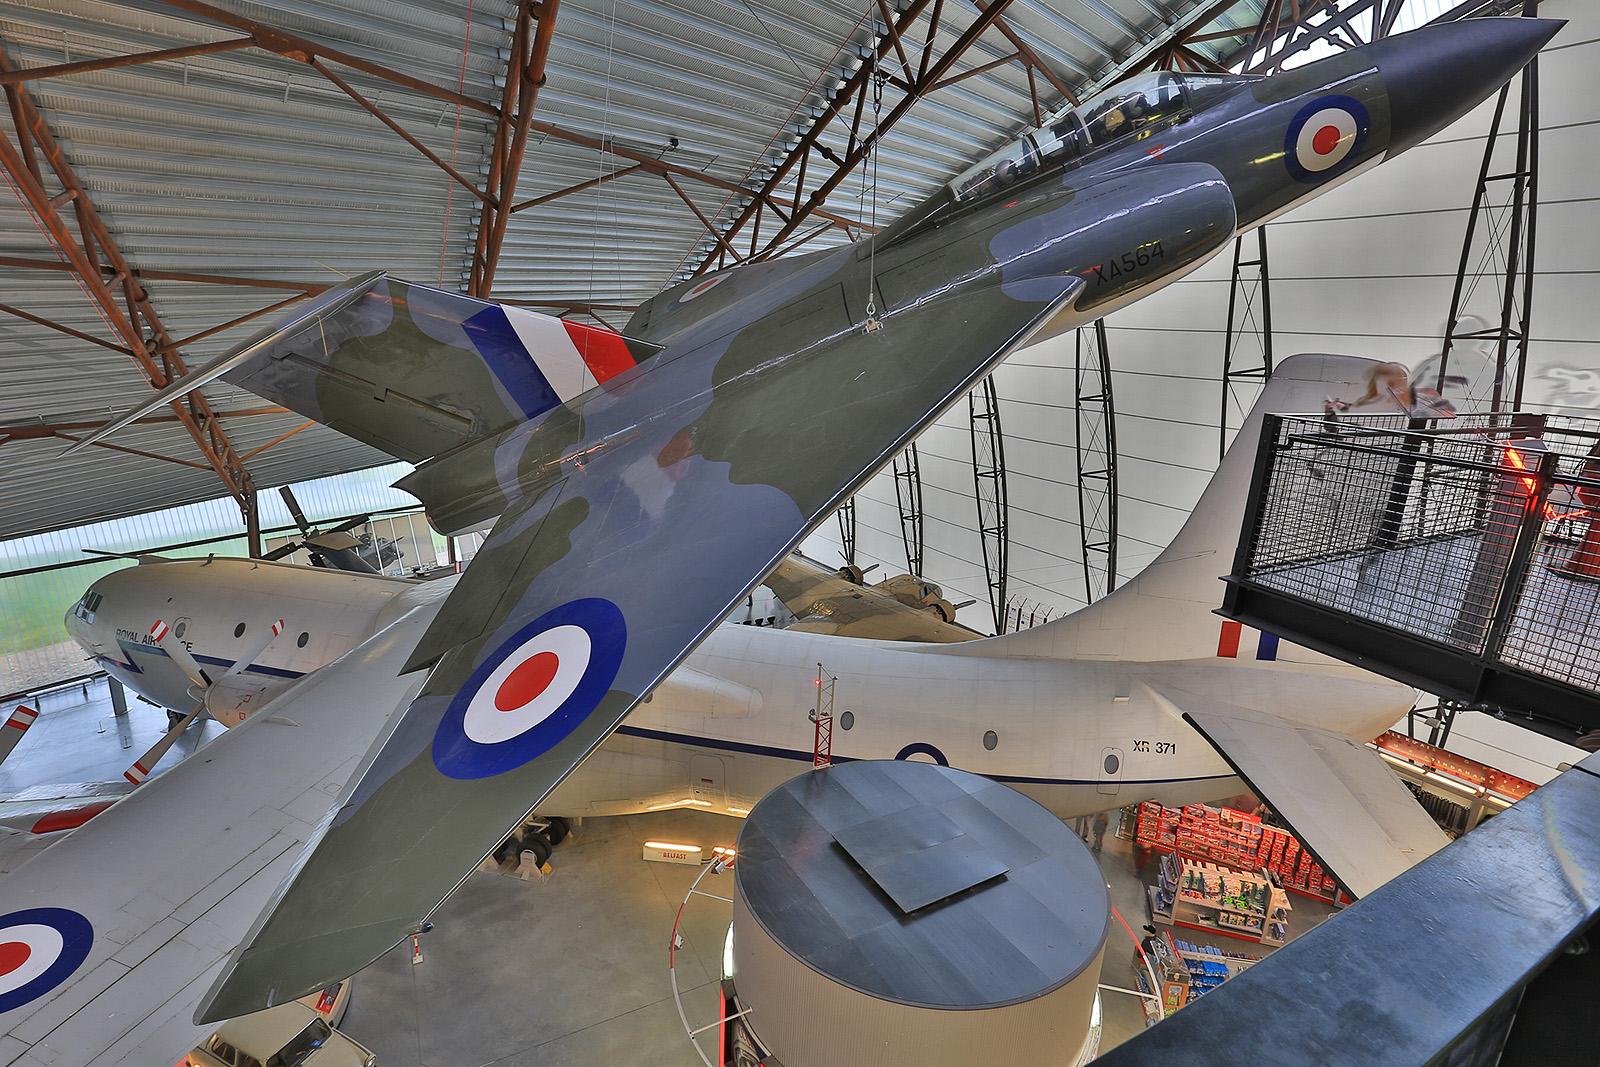 Die Gloster Javelin war das letzte Muster der Gloster Aircraft Company. Die Entwicklung began schon 1947, jeodch fand die Truppeneinführung erst ab 1956 statt. Die Maschinen flogen auch bei der RAF Germany in Brüggen, Geilenkirchen und Laarbruch.